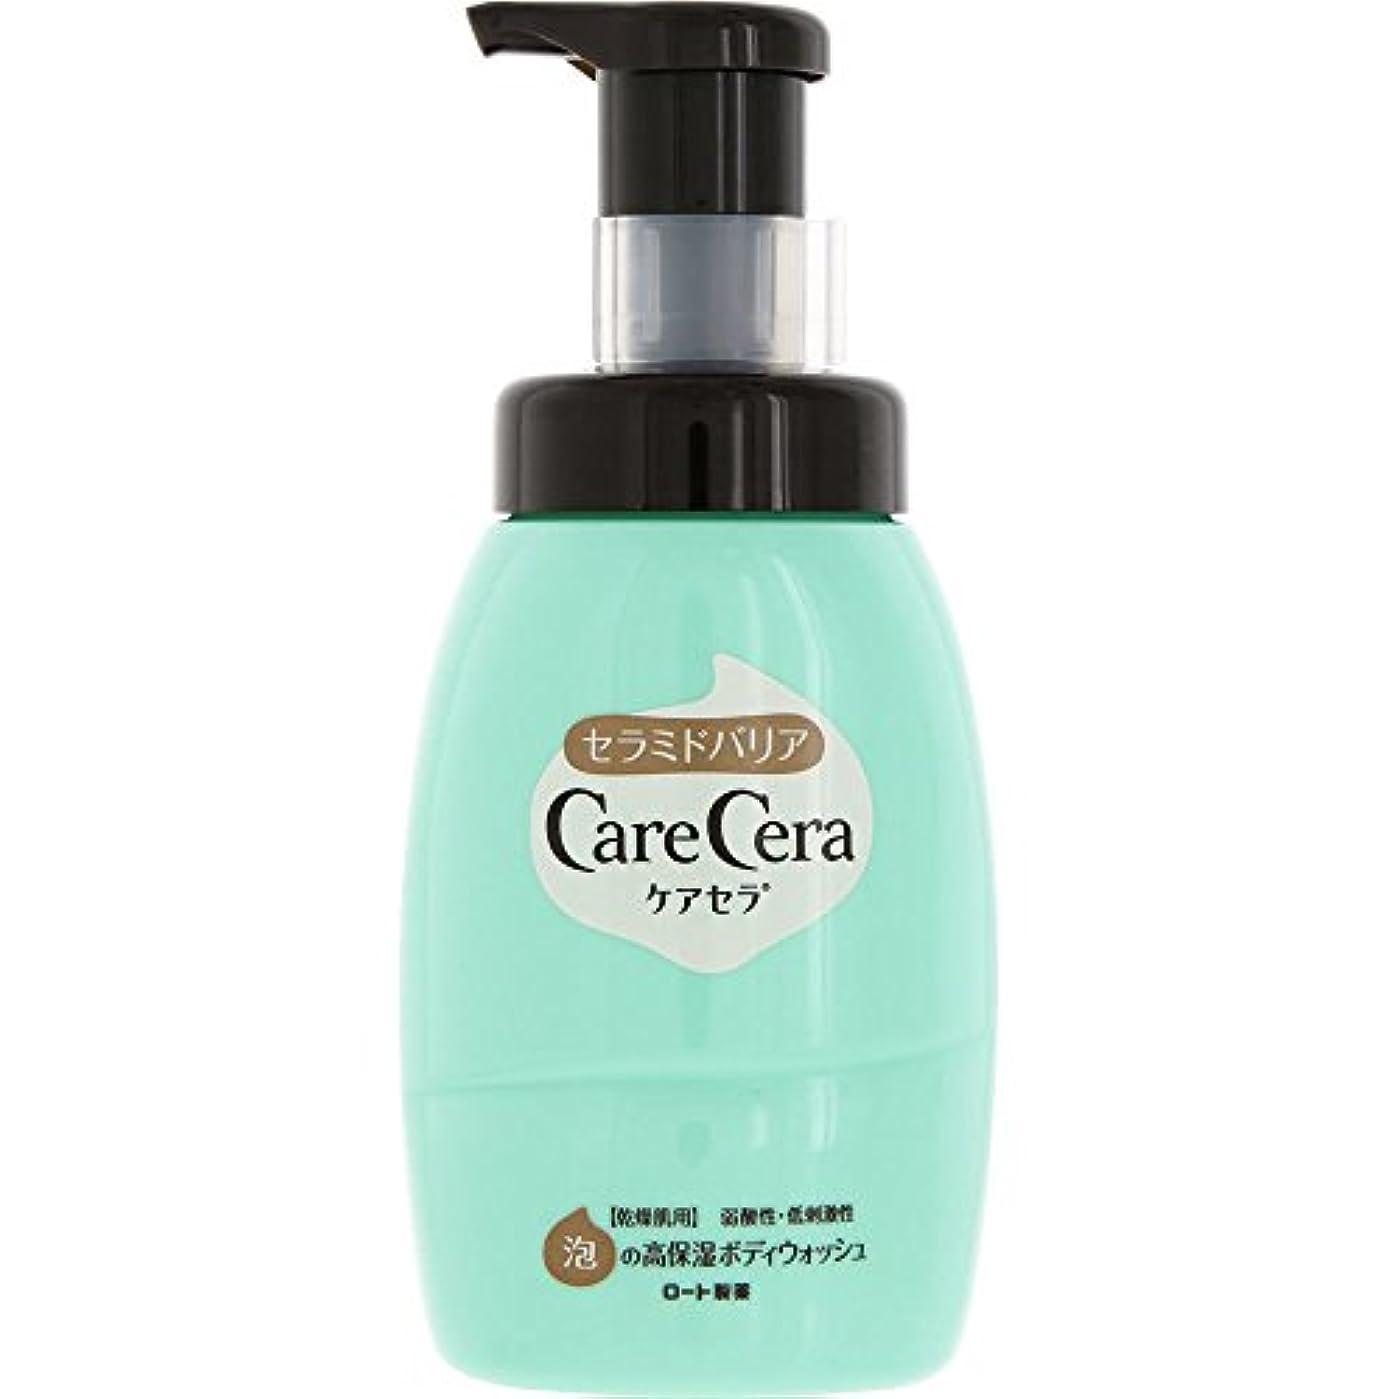 出口グレード旅ケアセラ(CareCera) ロート製薬 ケアセラ  天然型セラミド7種配合 セラミド濃度10倍泡の高保湿 全身ボディウォッシュ ピュアフローラルの香り お試し企画品 300mL